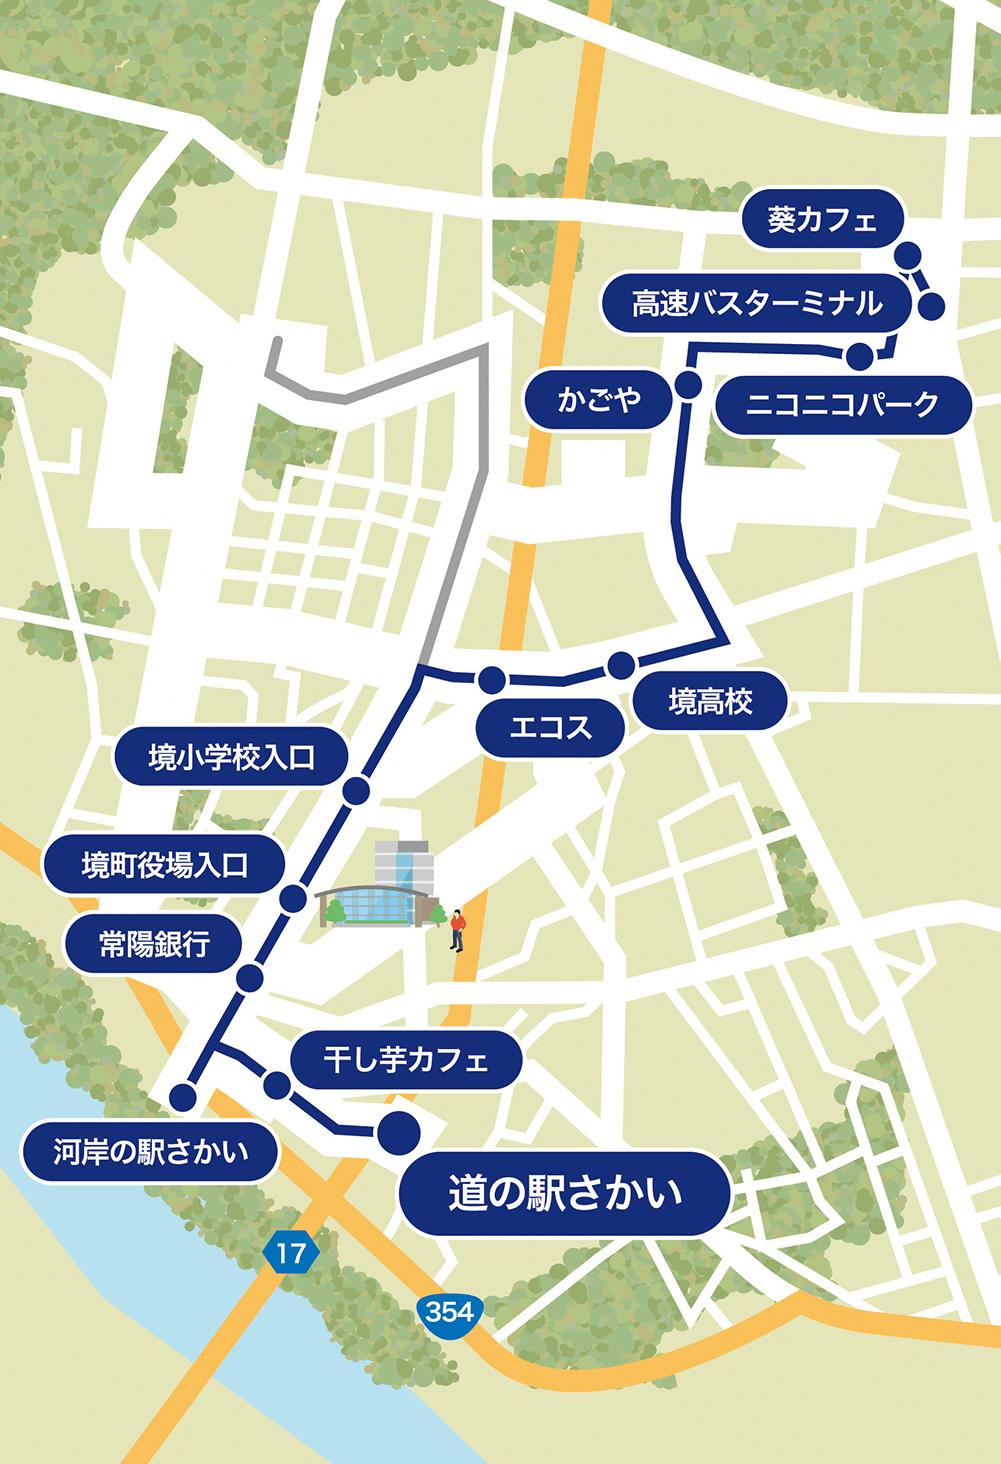 『高速バスターミナル・道の駅さかいルート』の画像